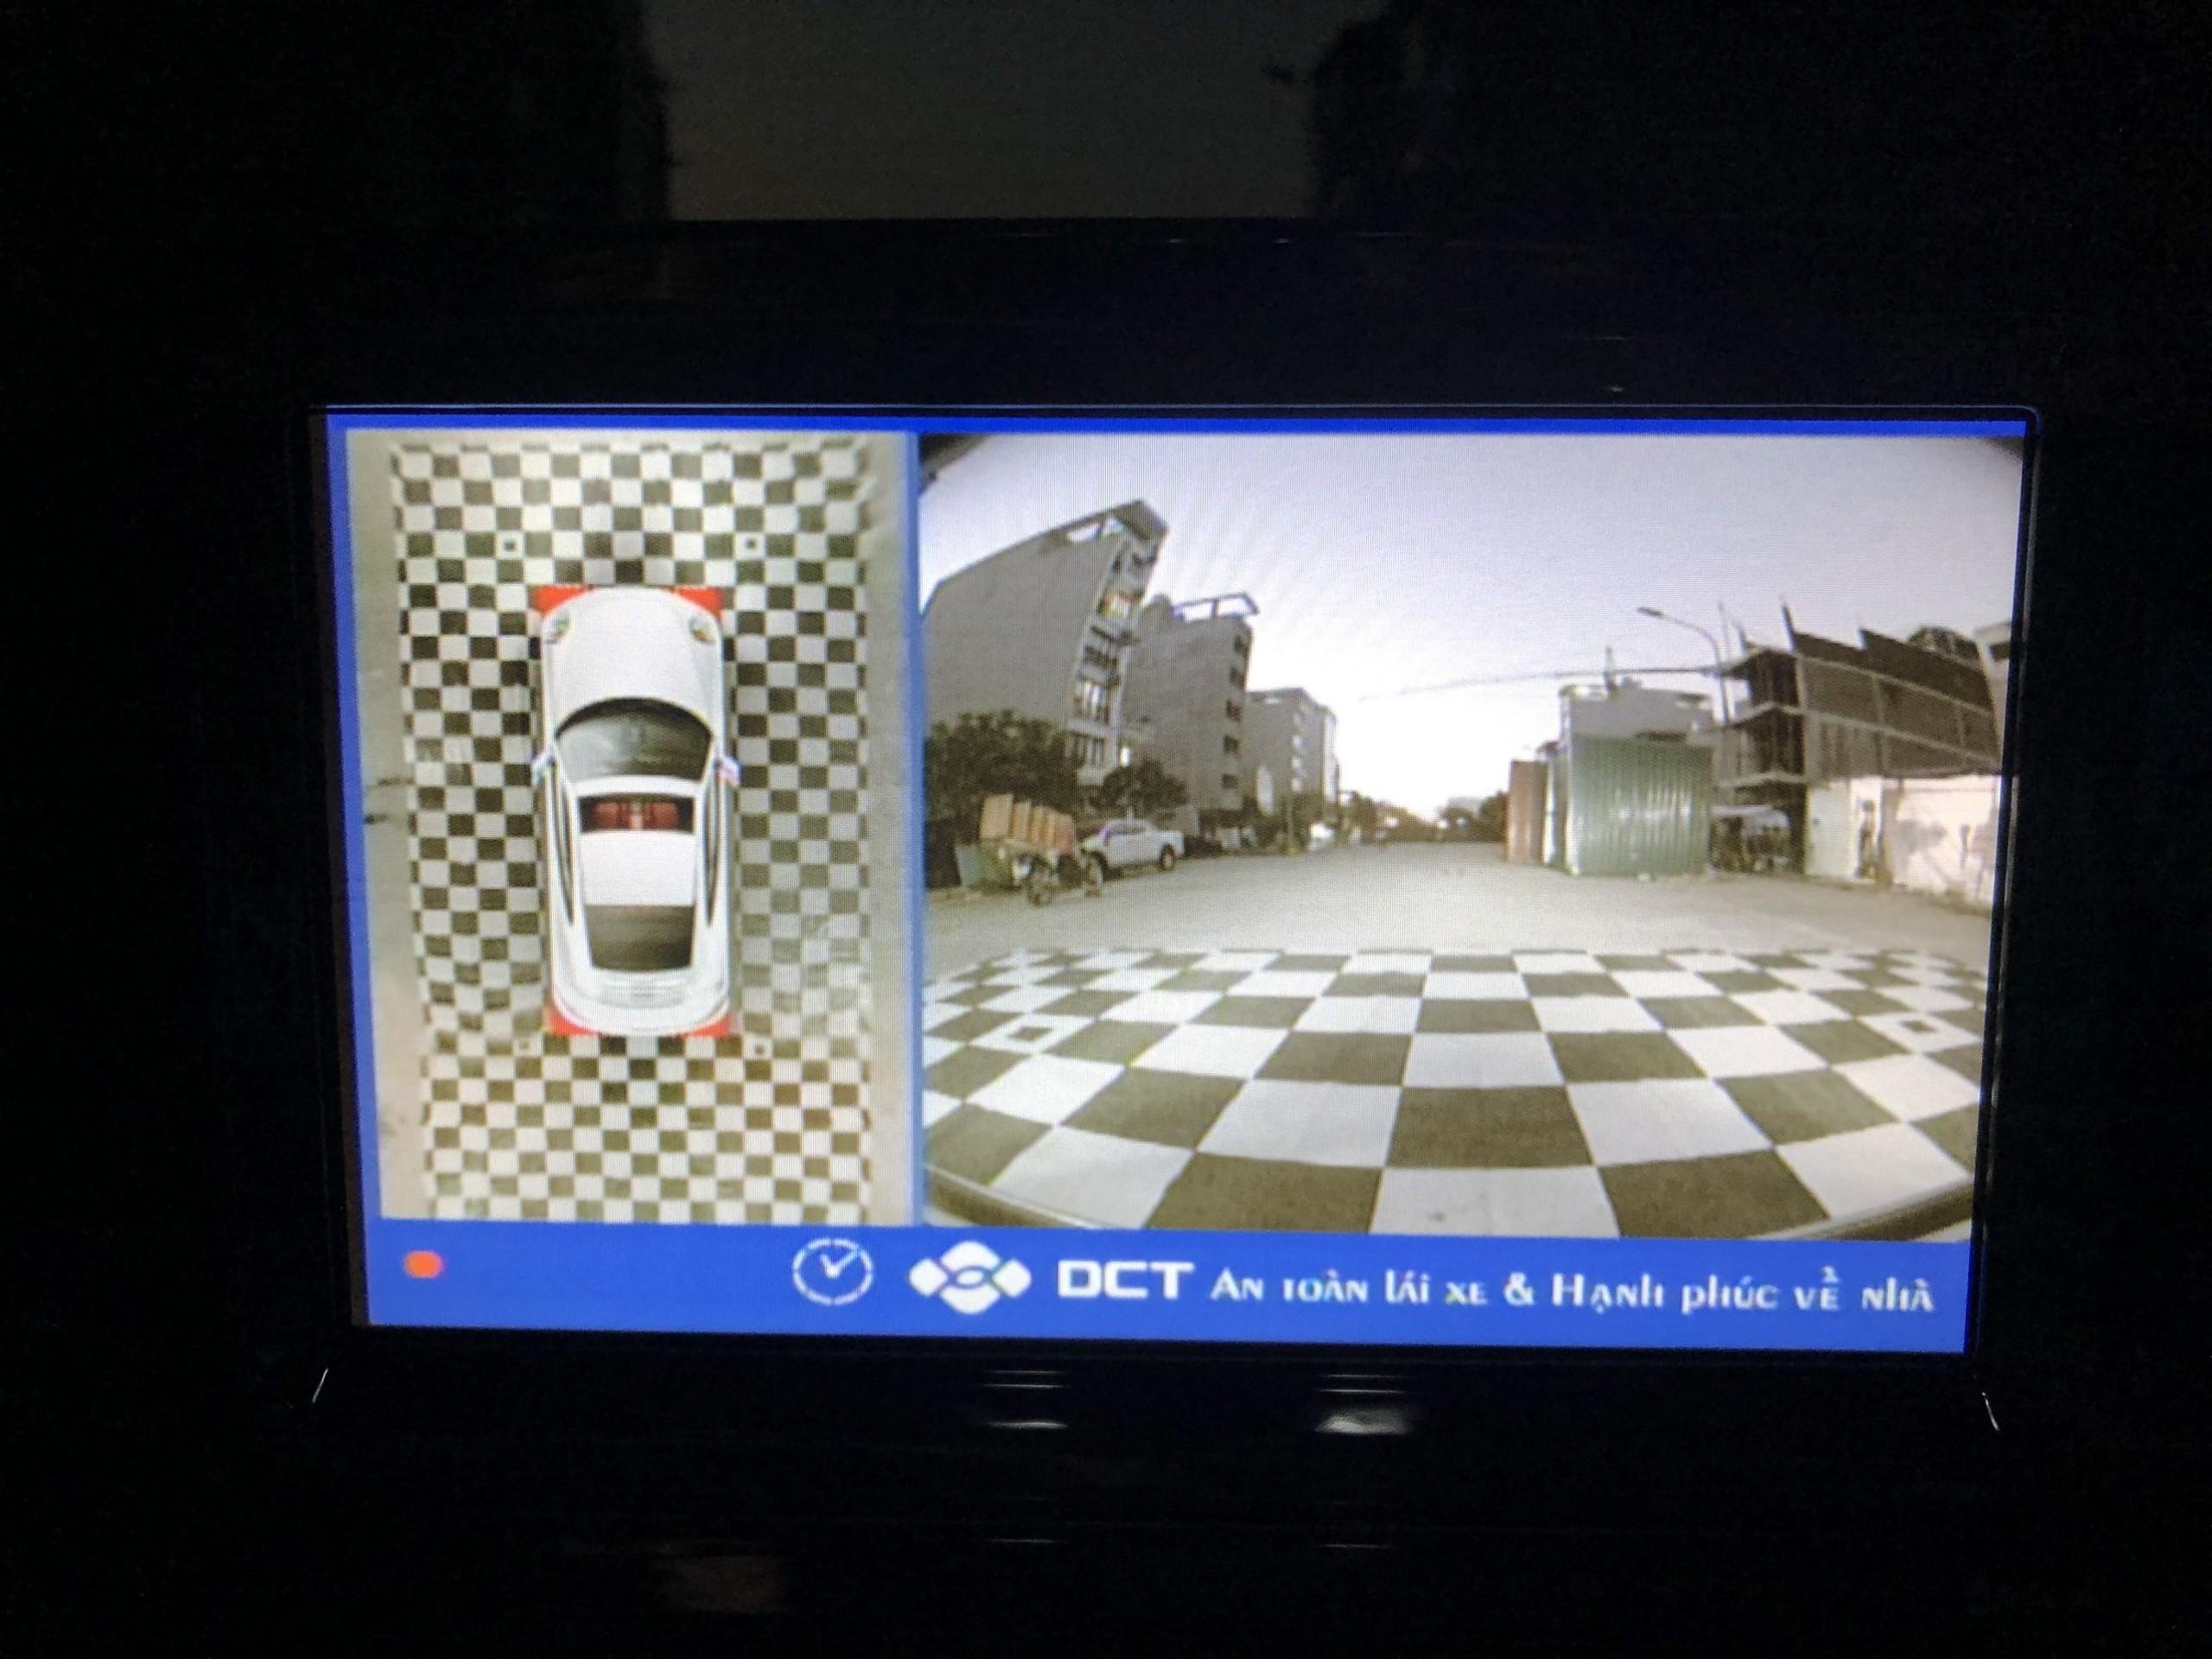 Camera 360 DCT Kia Cerato